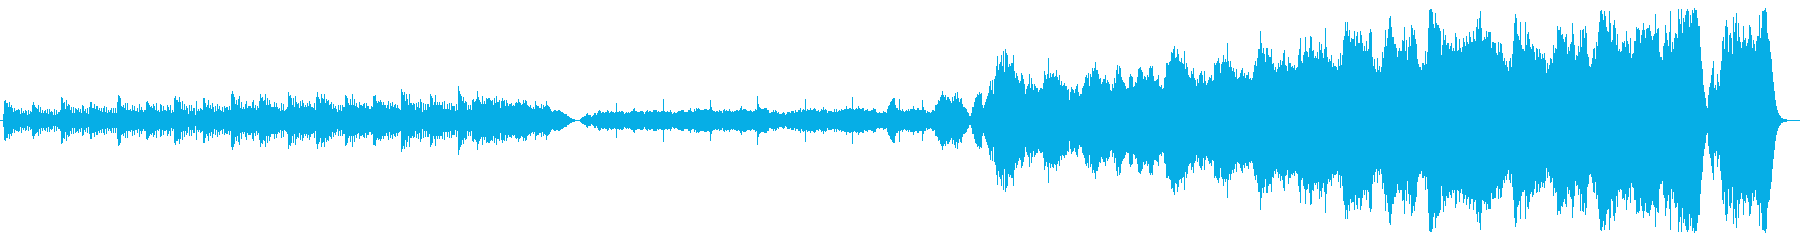 幻想的なオーケストラの再生済みの波形